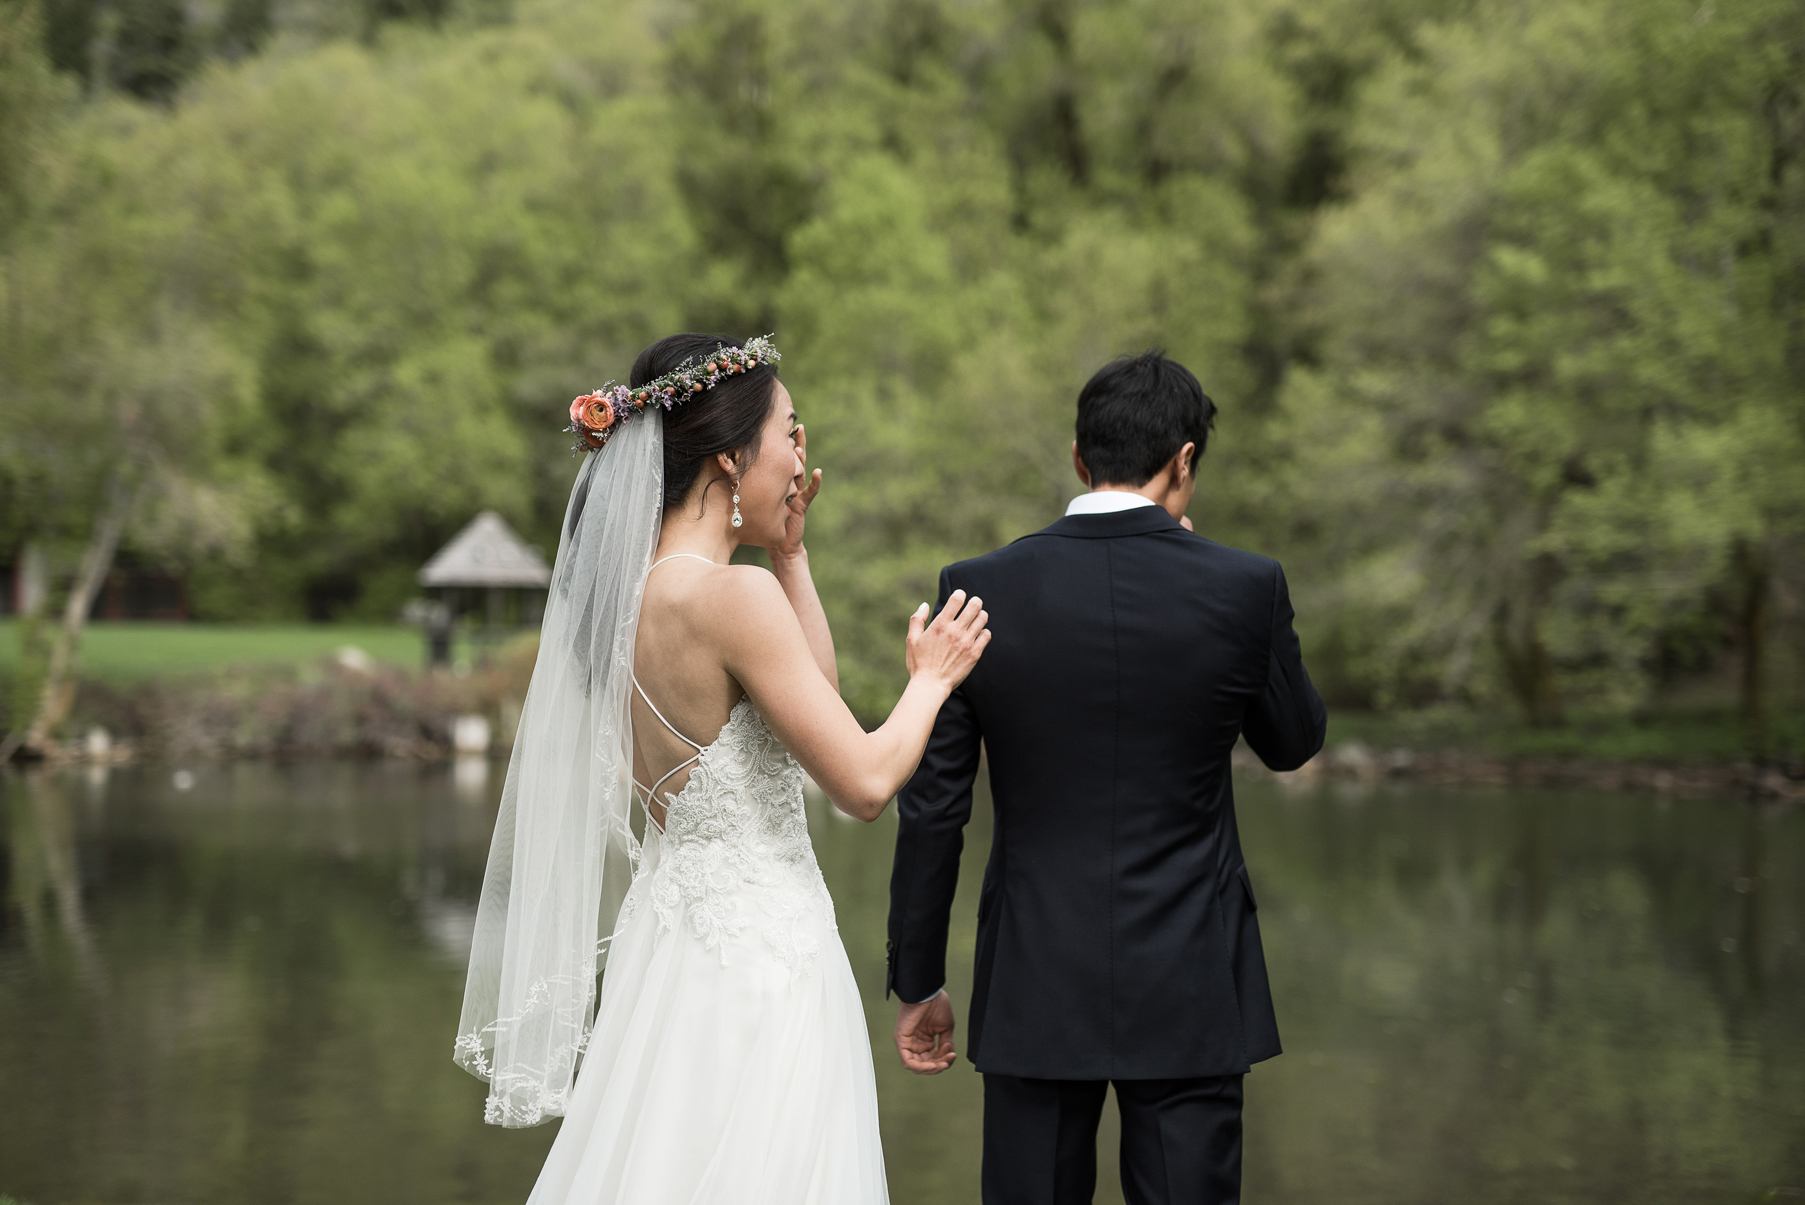 grooms emotional reaction seeing his bride